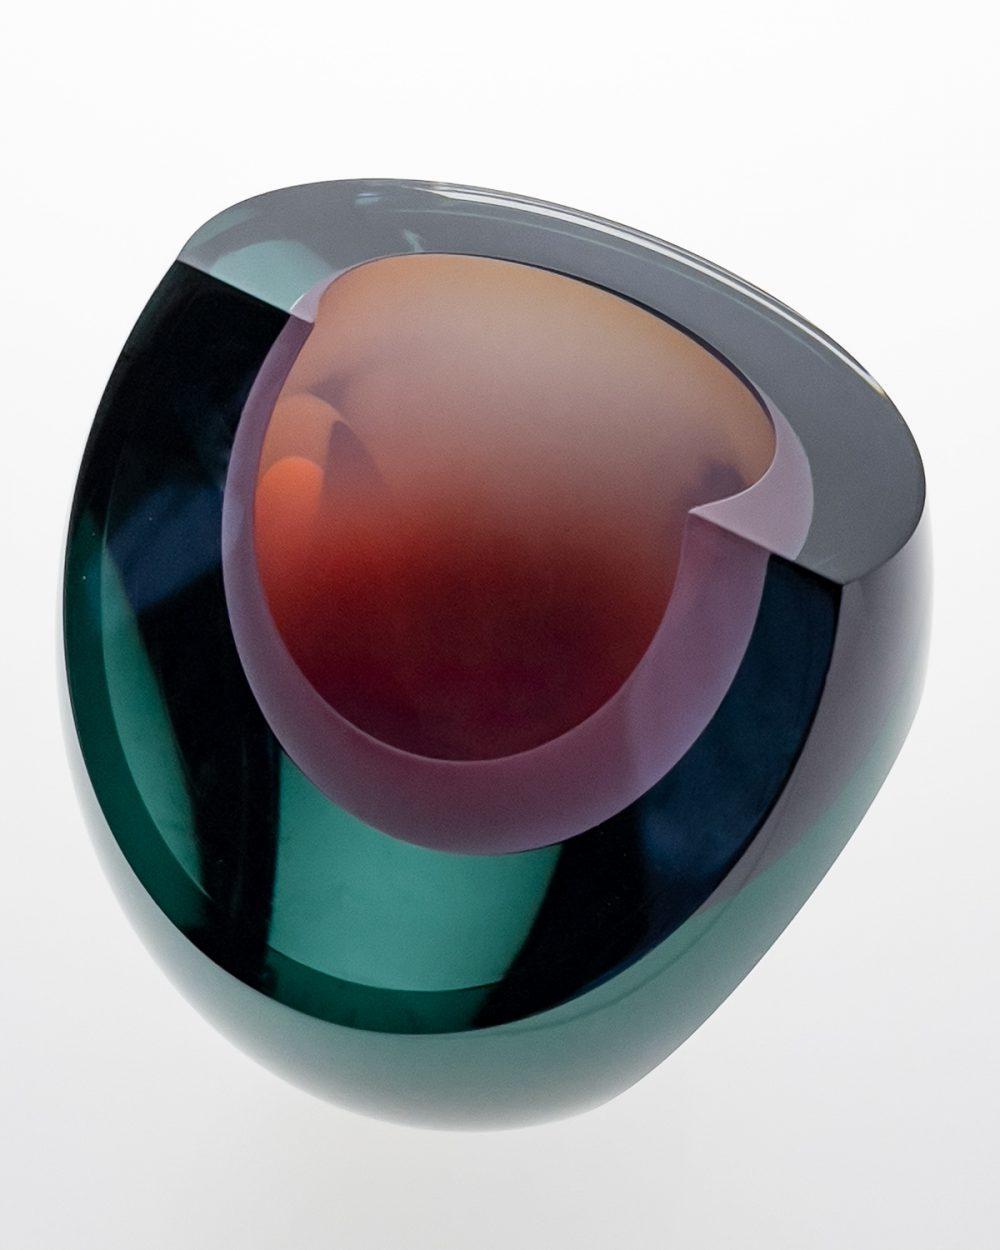 Bespoke sculpture handmade blown art glass vessel grey pink top